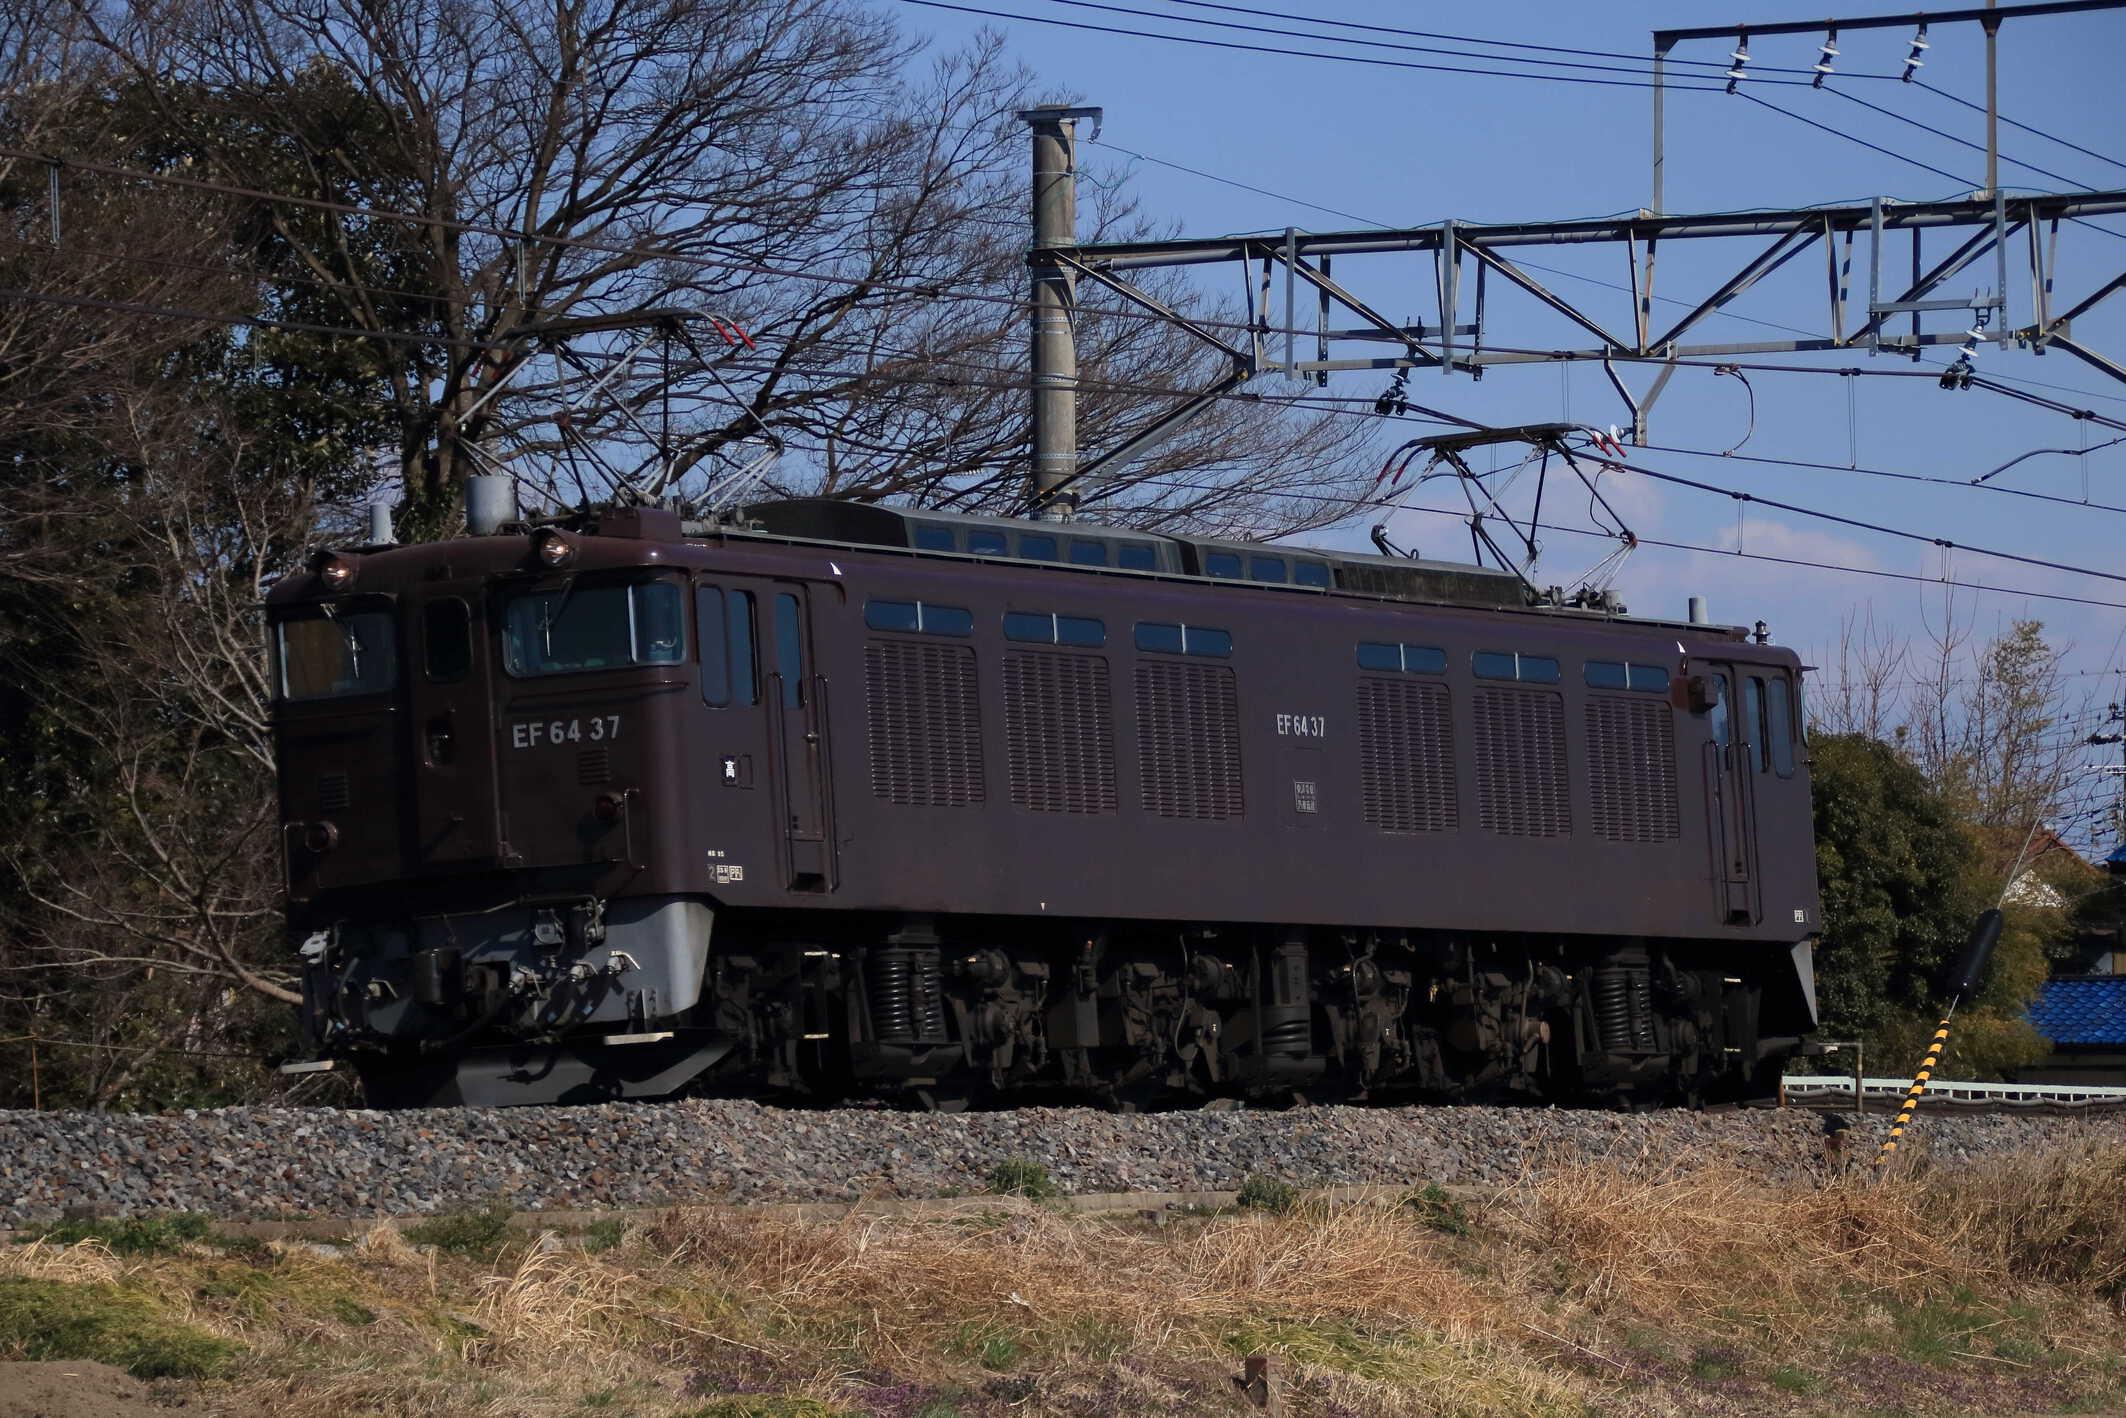 単9783列車 甲府常駐機交検回送 EF64-37②[高]